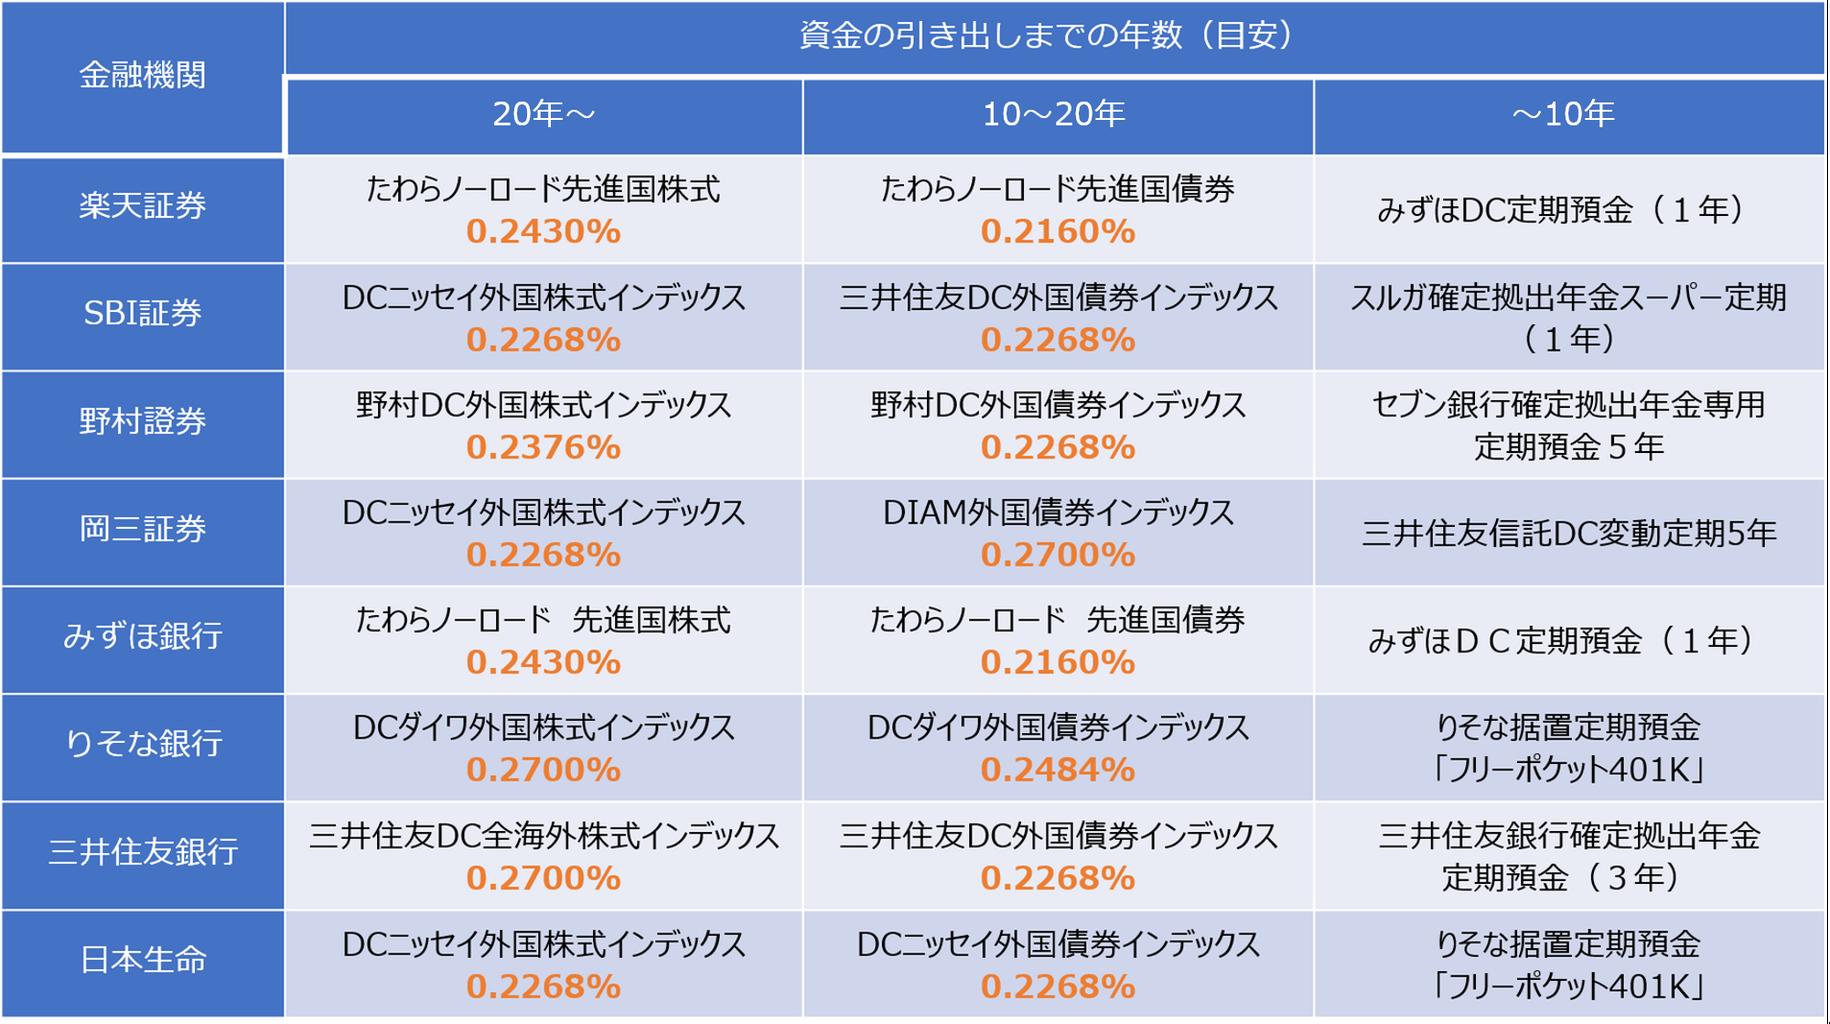 外国 インデックス Diam 株式